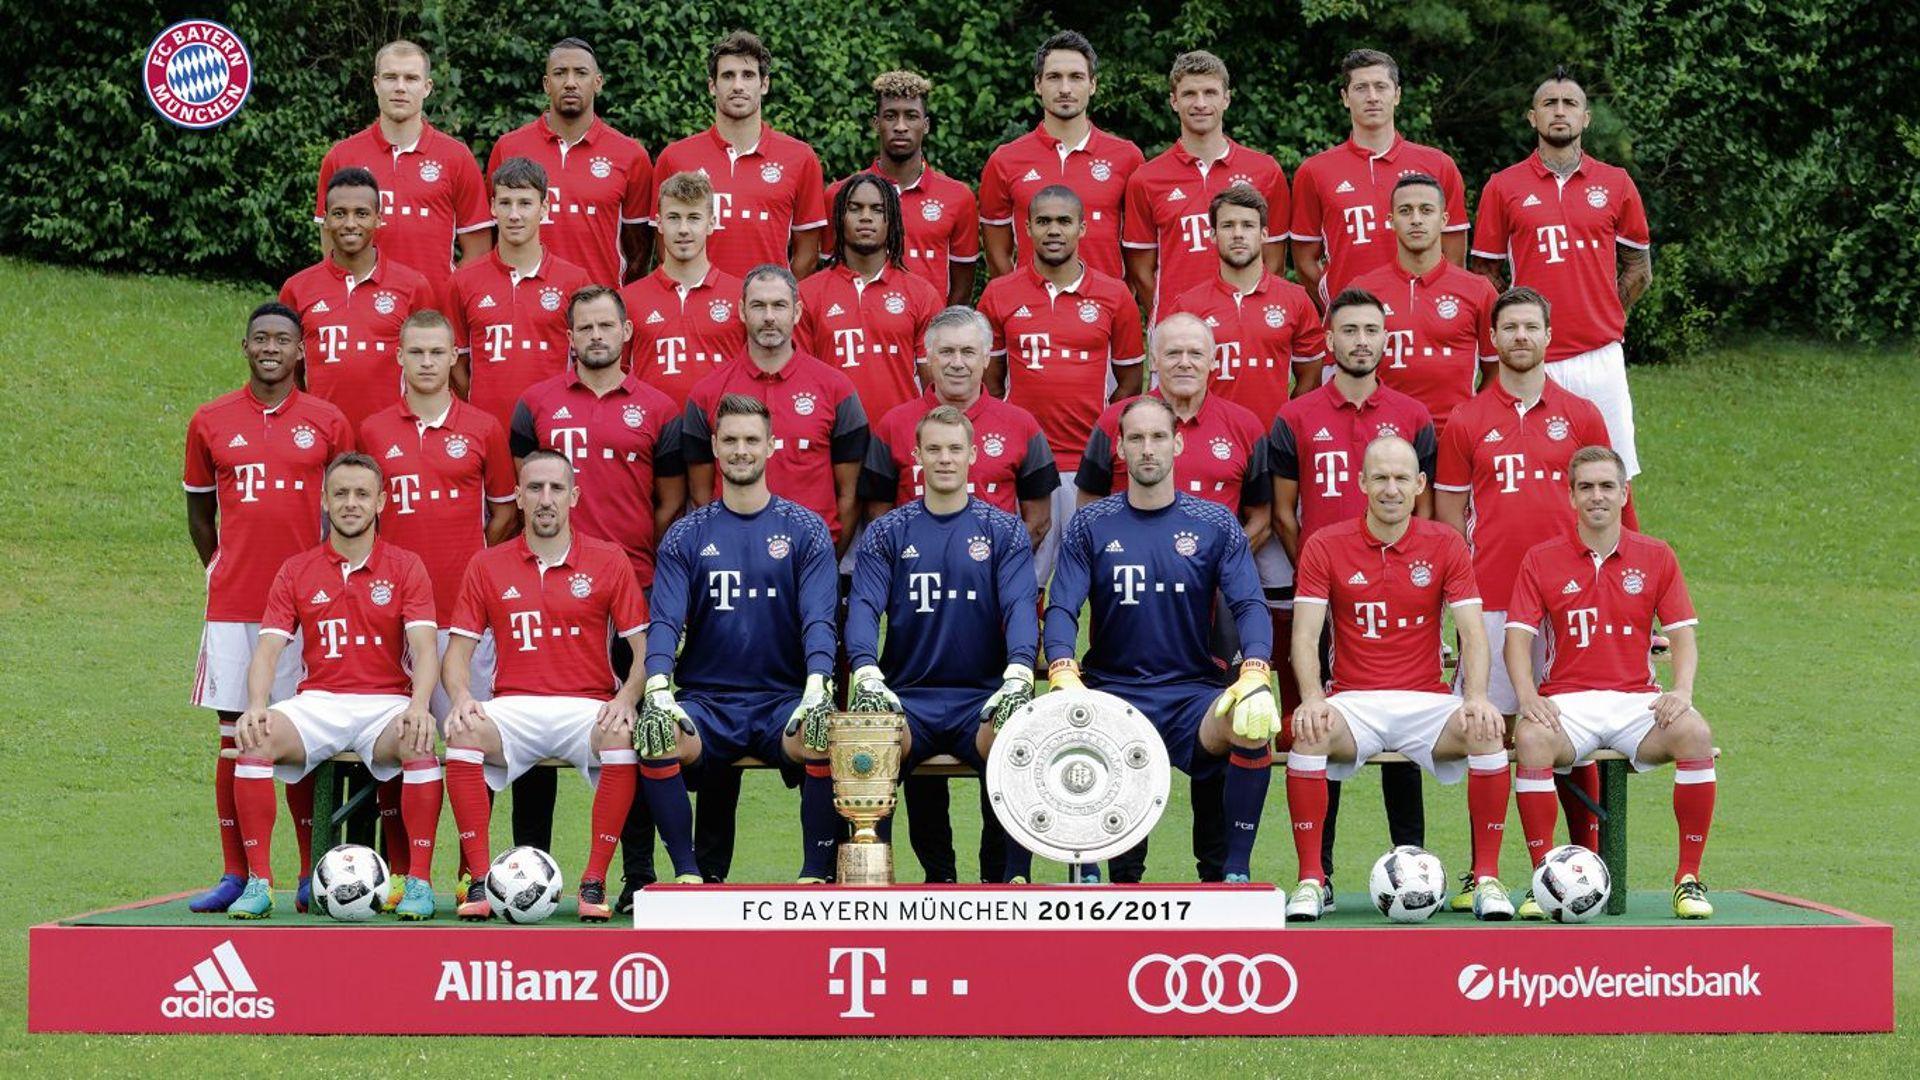 Bayern Munchen Background